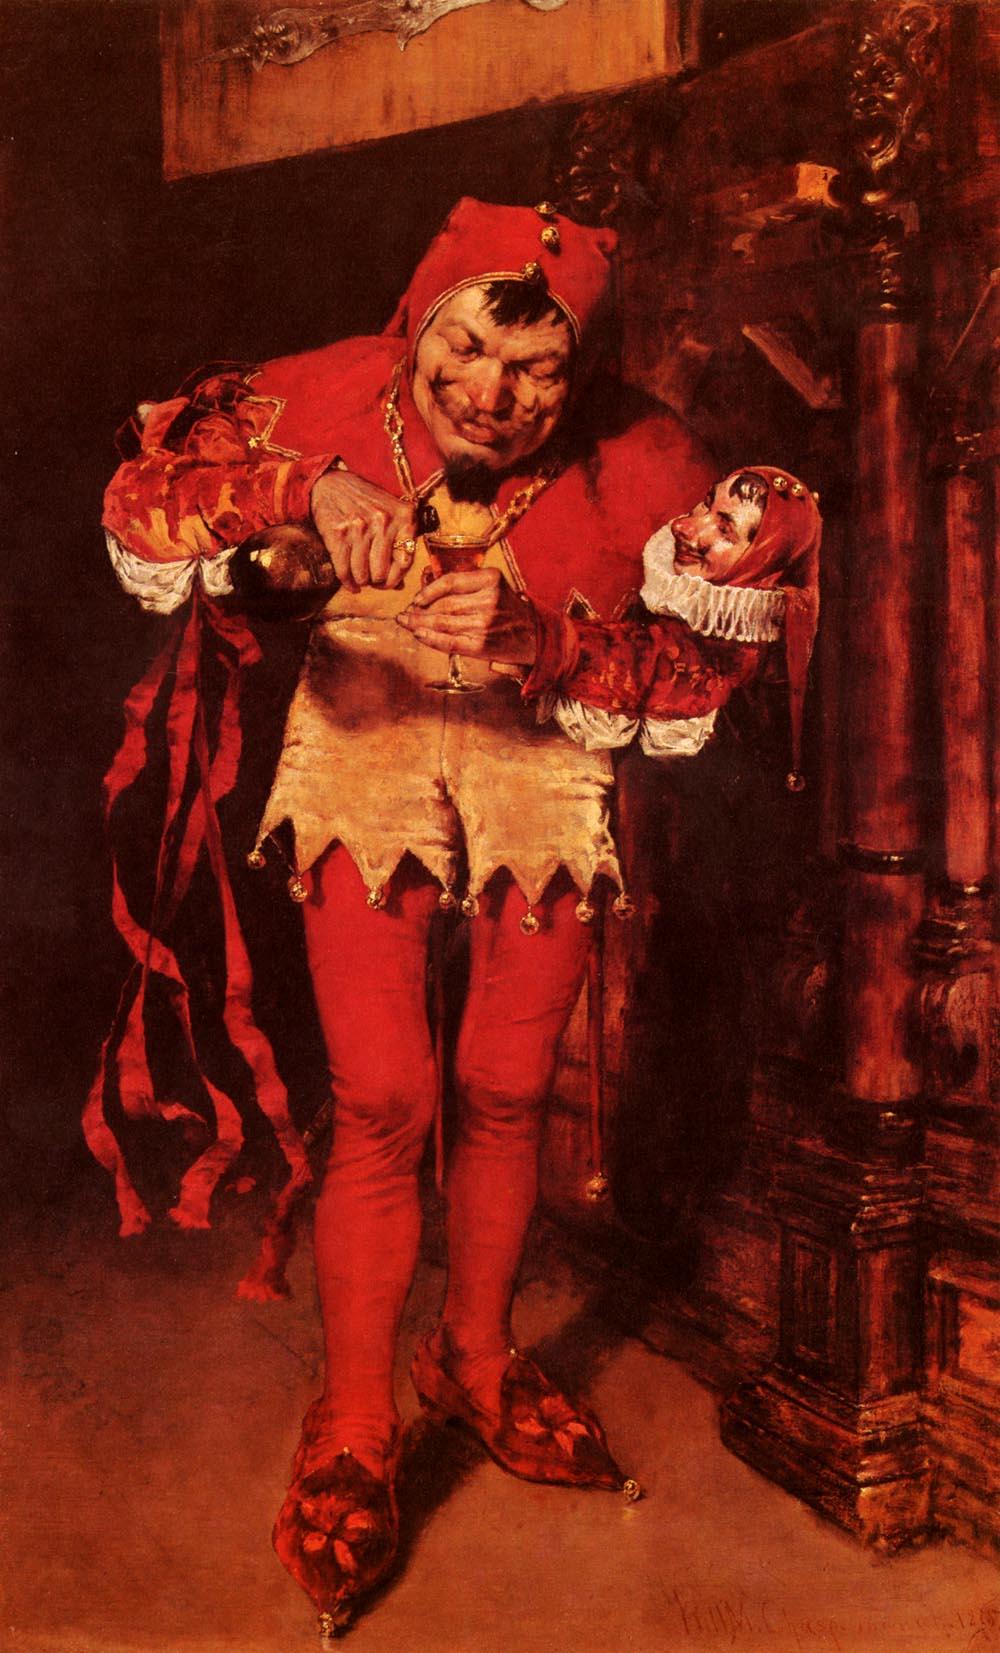 Court jester of jerk offs